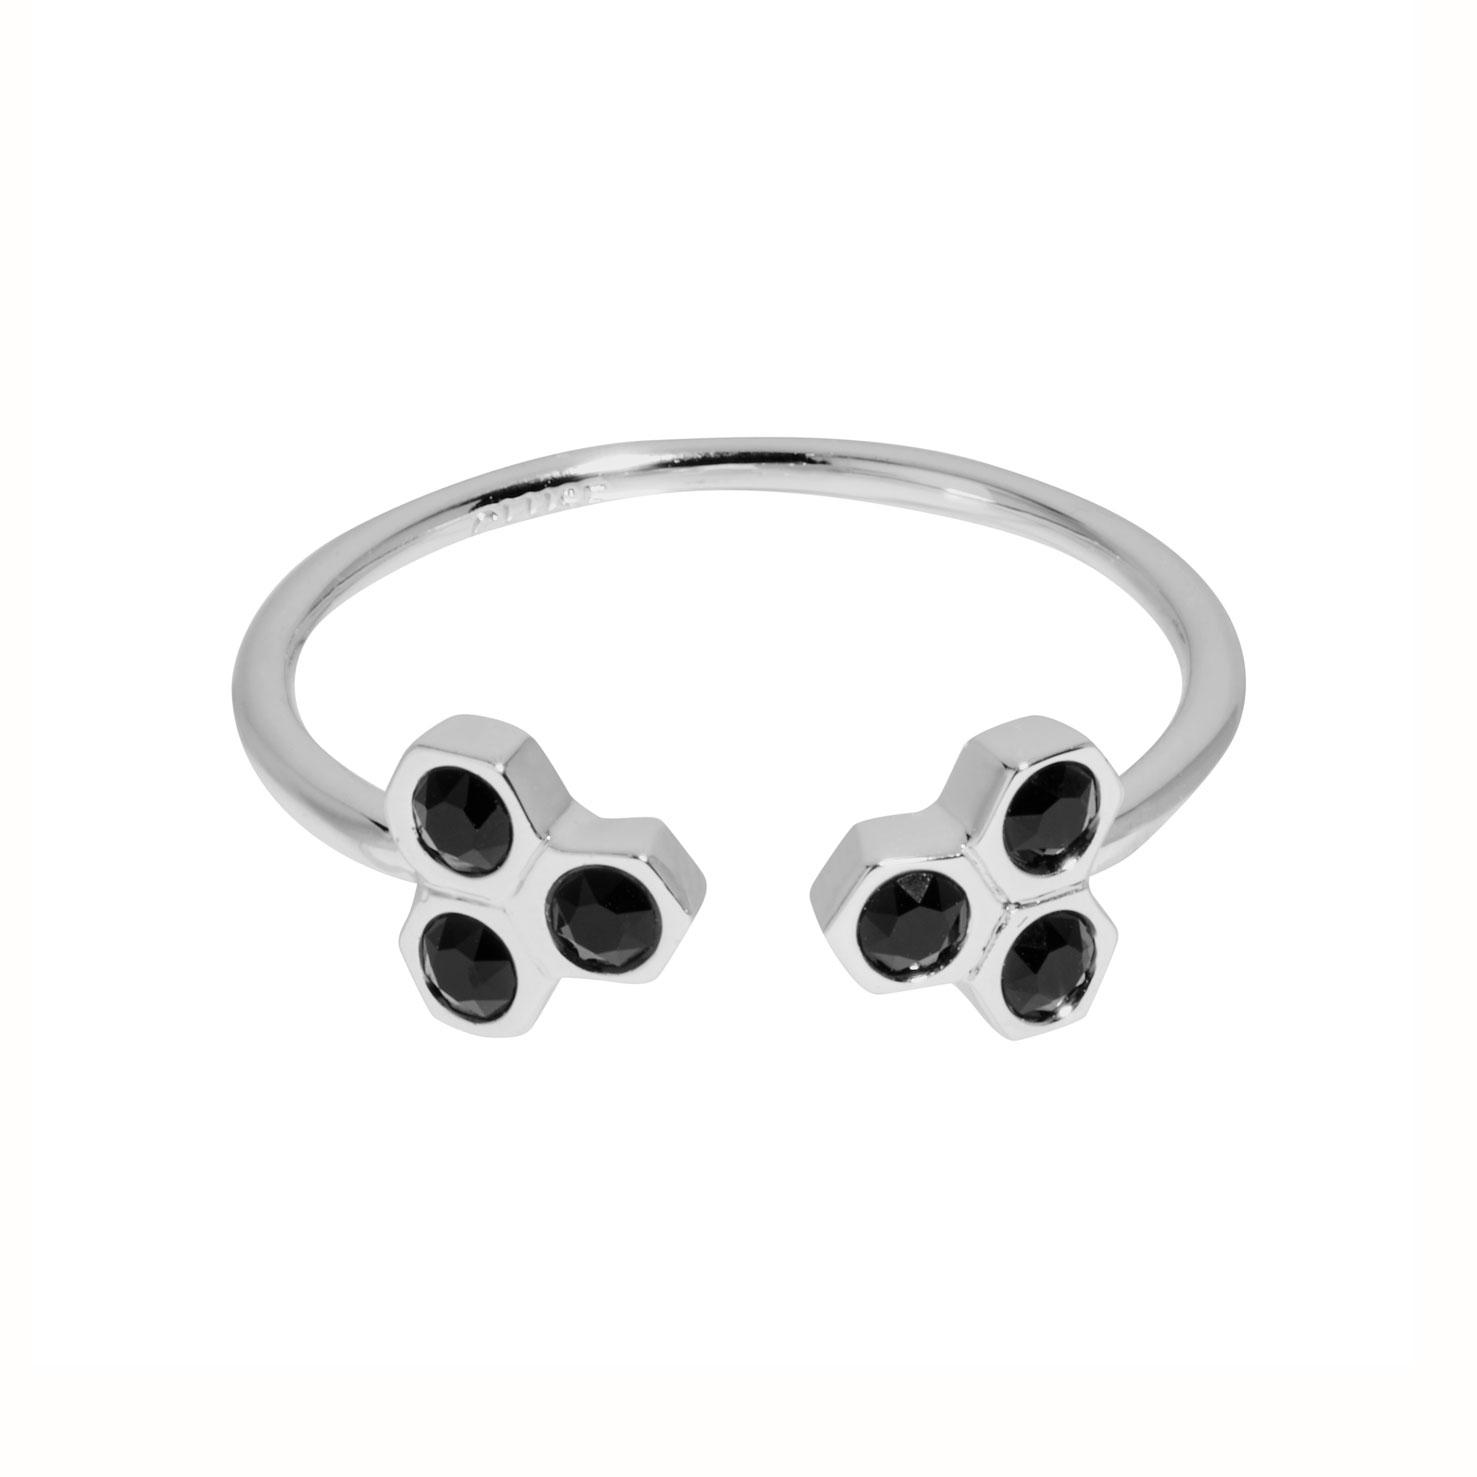 Afbeelding van CLUSE Essentielle Black Crystal Hexagons Ring CLJ42008 52 (Maat: 52)